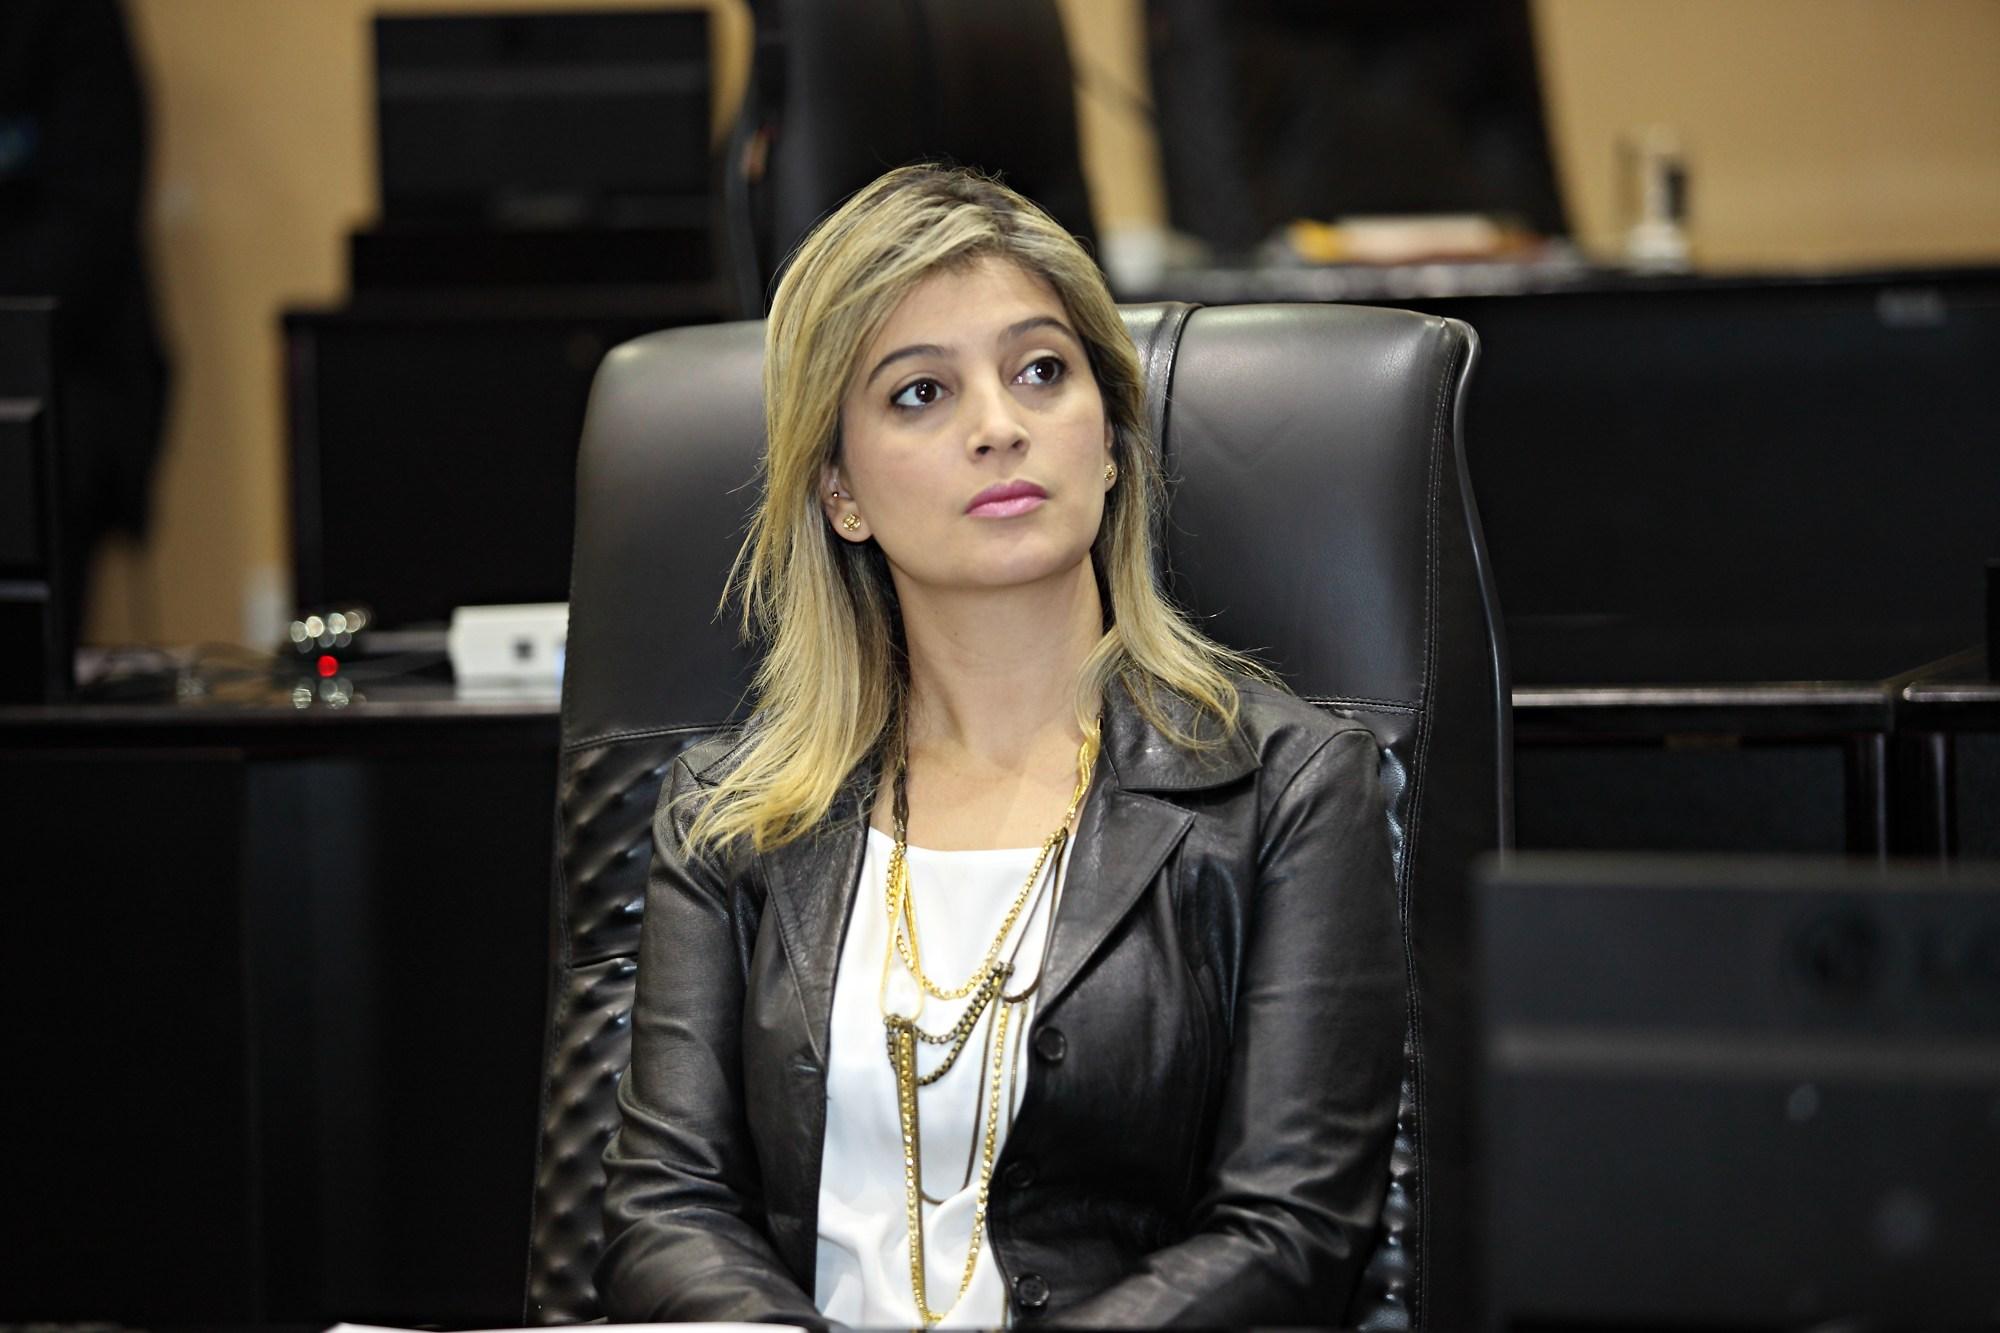 Tribunal de Contas do Estado multa Luciane Bezerra por contratação irregular